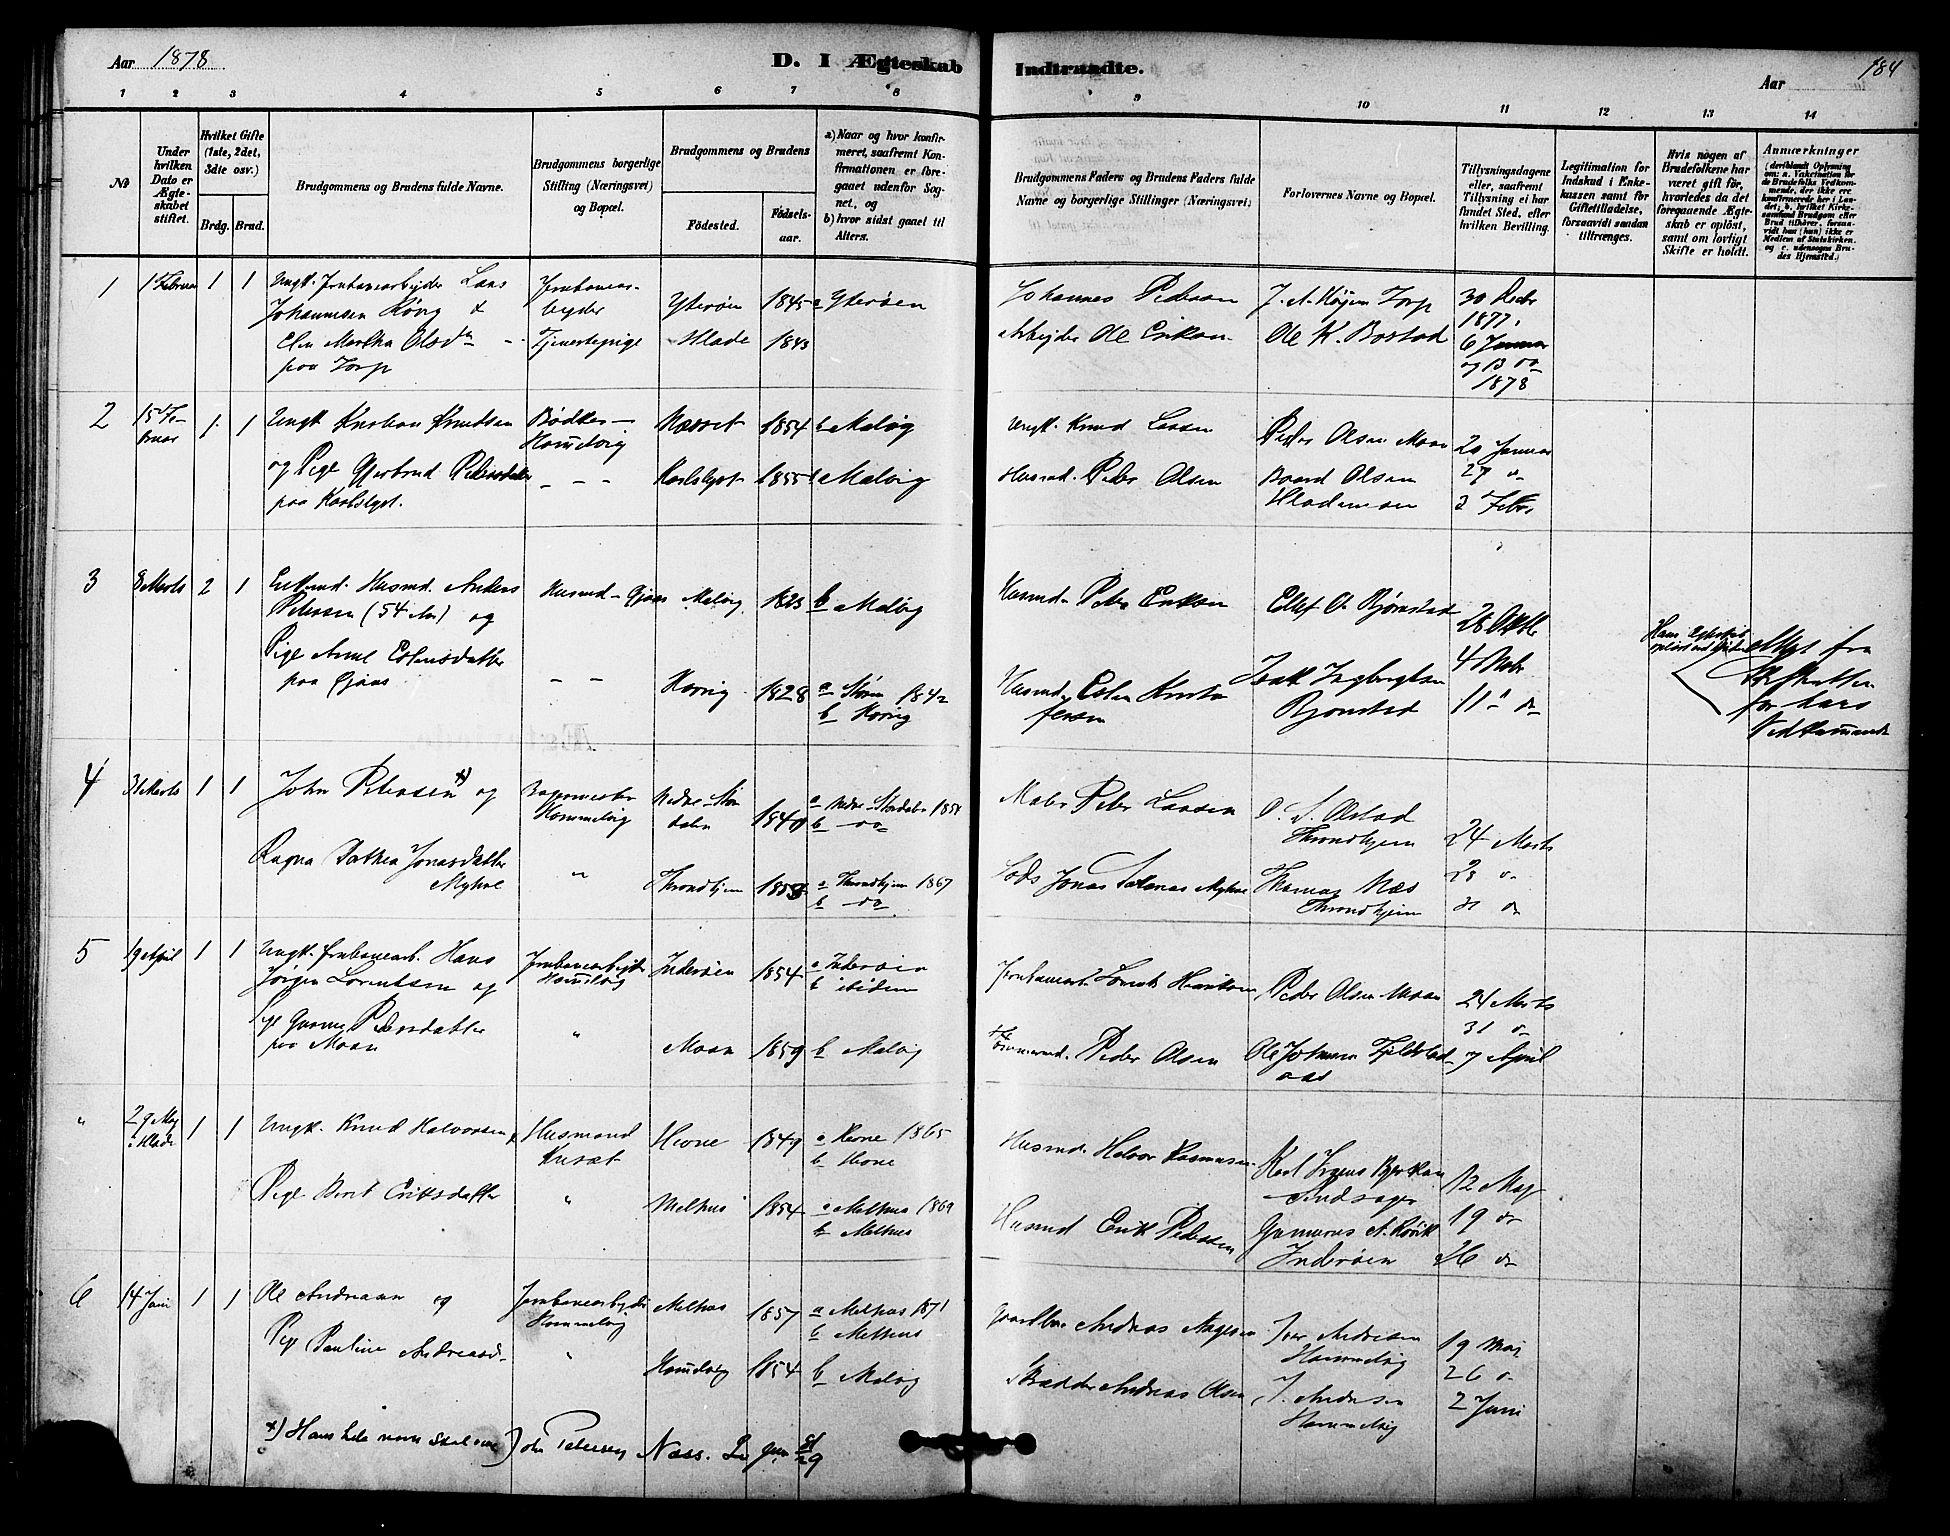 SAT, Ministerialprotokoller, klokkerbøker og fødselsregistre - Sør-Trøndelag, 616/L0410: Ministerialbok nr. 616A07, 1878-1893, s. 184